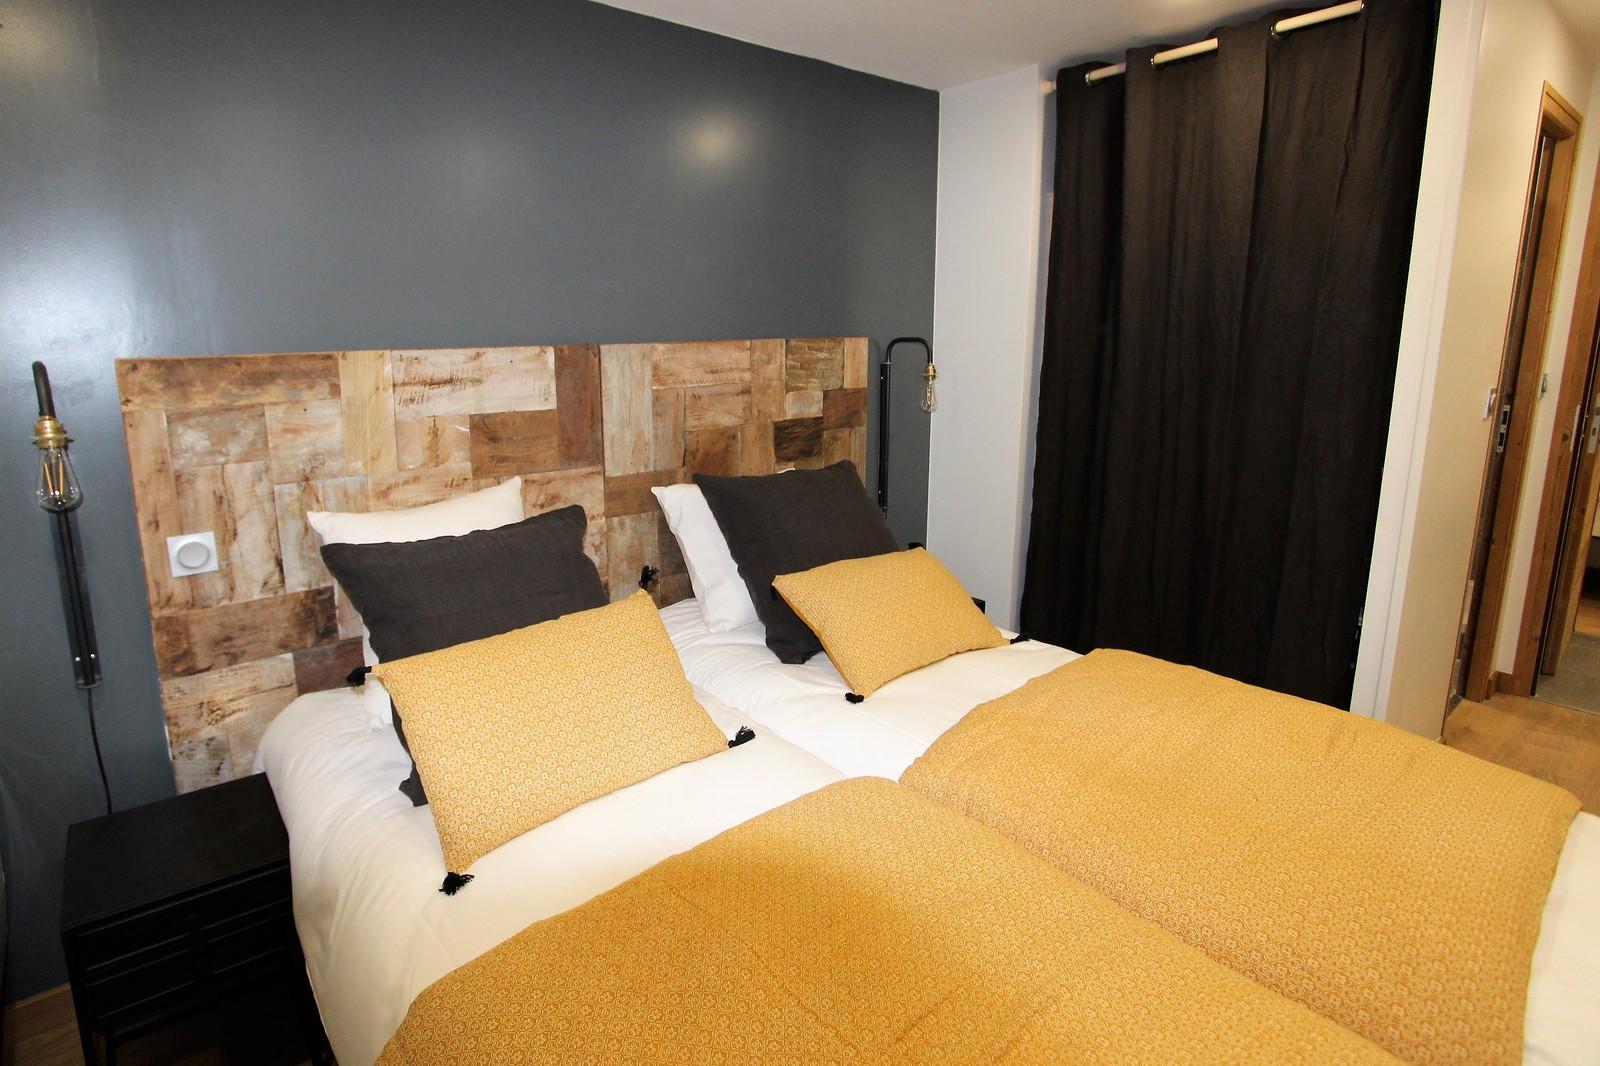 chambre double tv les 2 alpes jaune chaleur